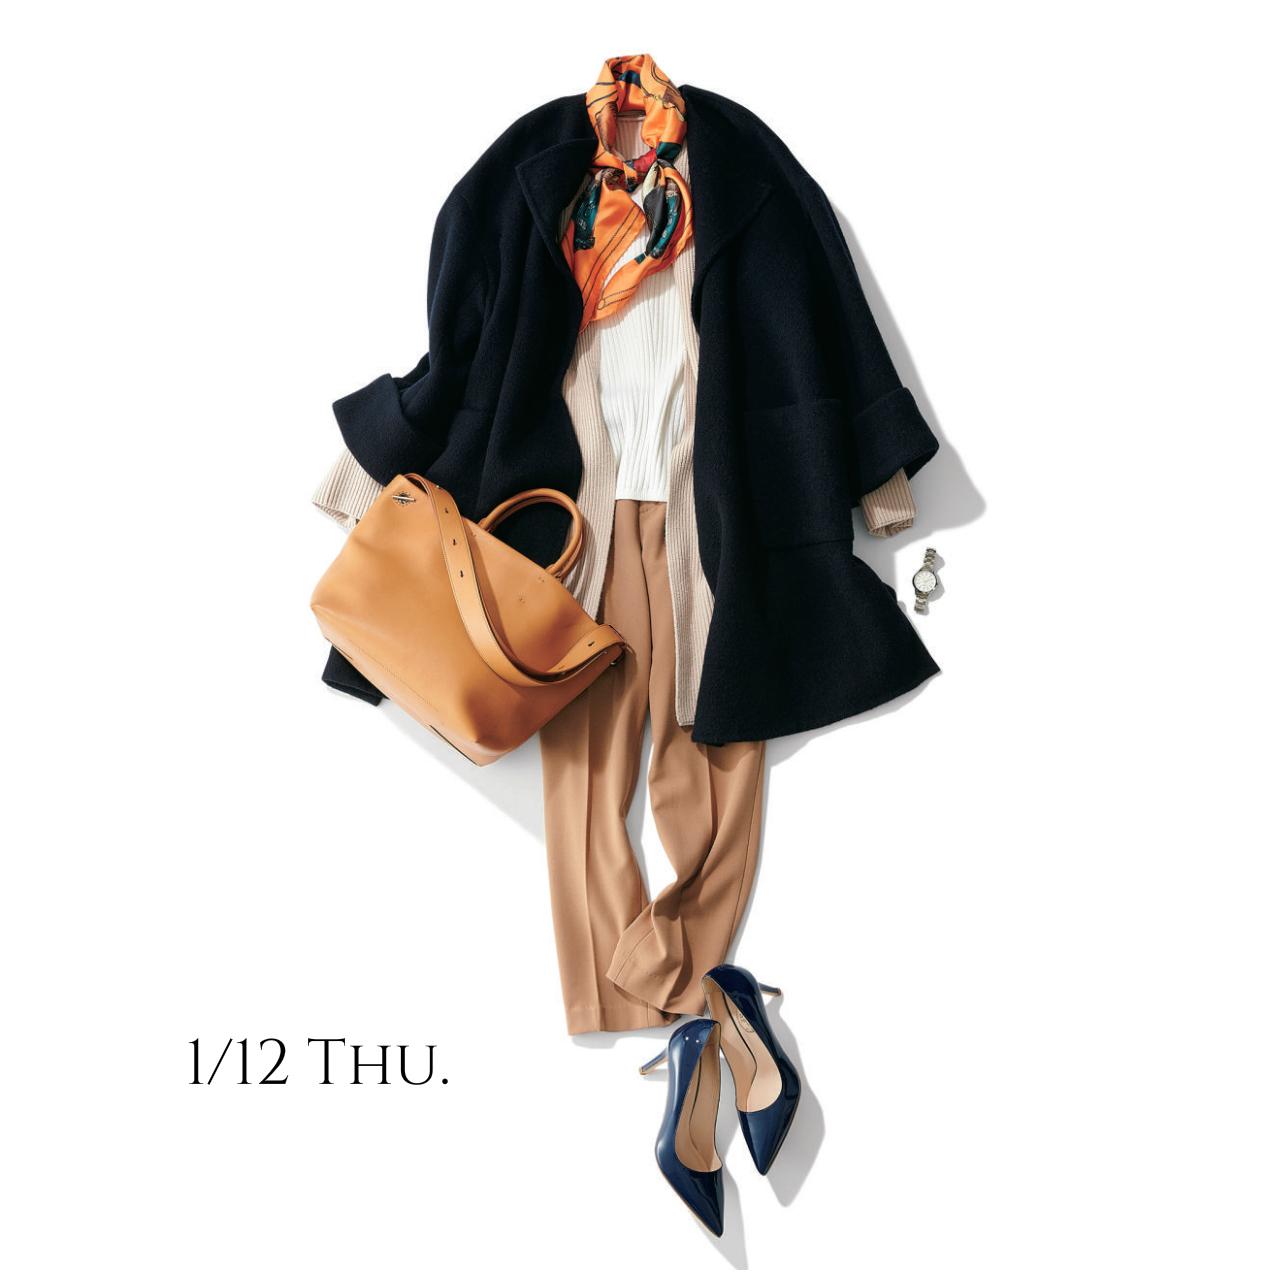 冷え込みそうな日はコートの下にカーディガンの重ね着でぽかぽかに♡_1_1